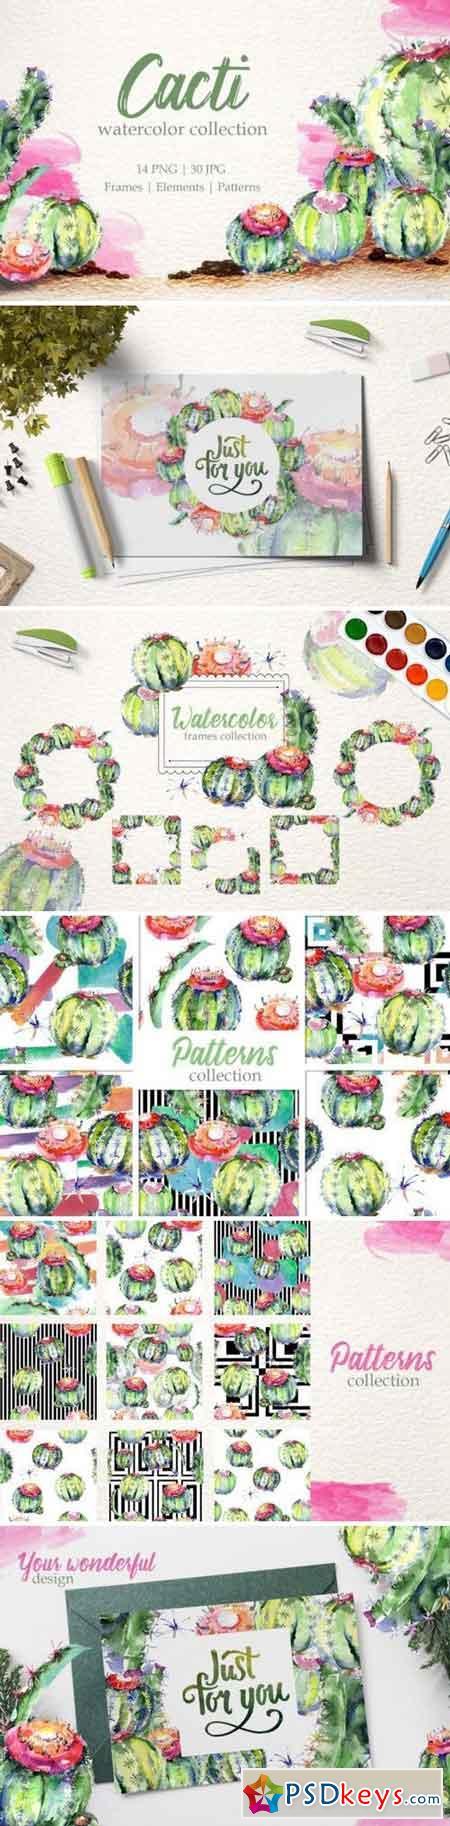 Cacti Watercolor png 3371512